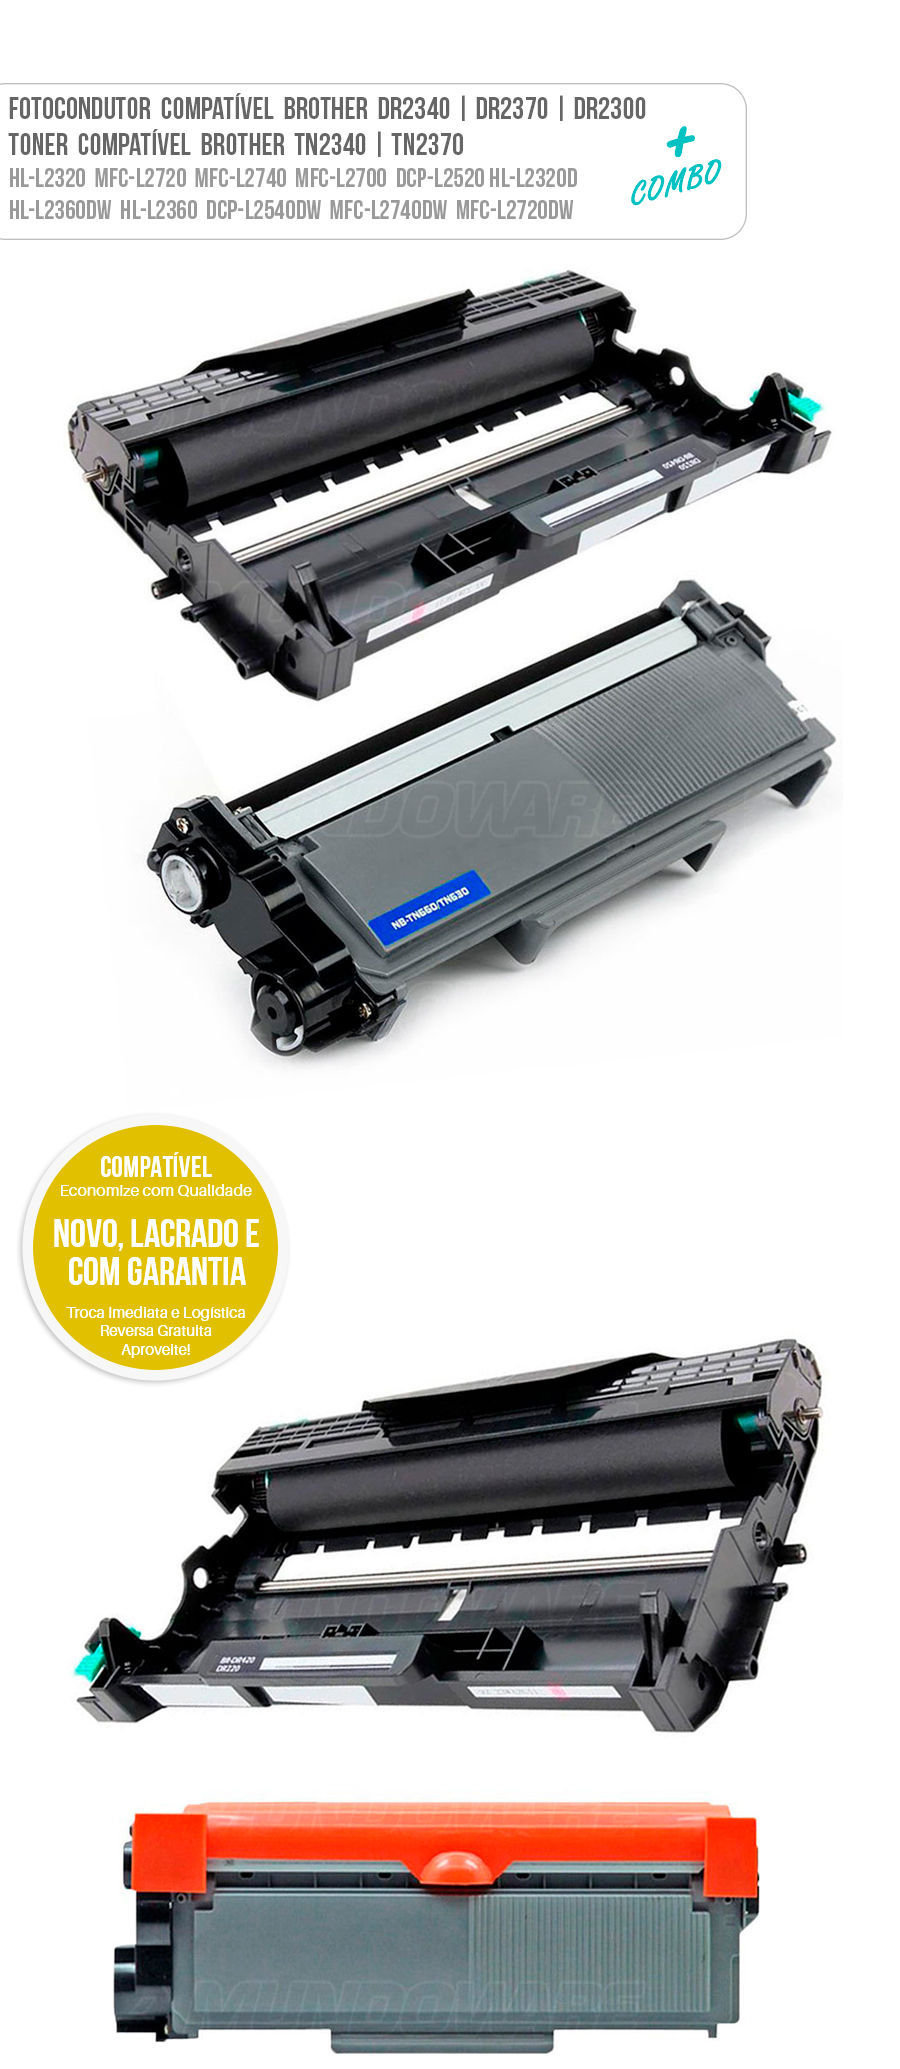 Drum Fotocondutor Tambor de Imagem Unidade Cilindro Kit DR Toner Tonner Cartucho DR2340 DR2370 DR2300 TN2370 TN2340